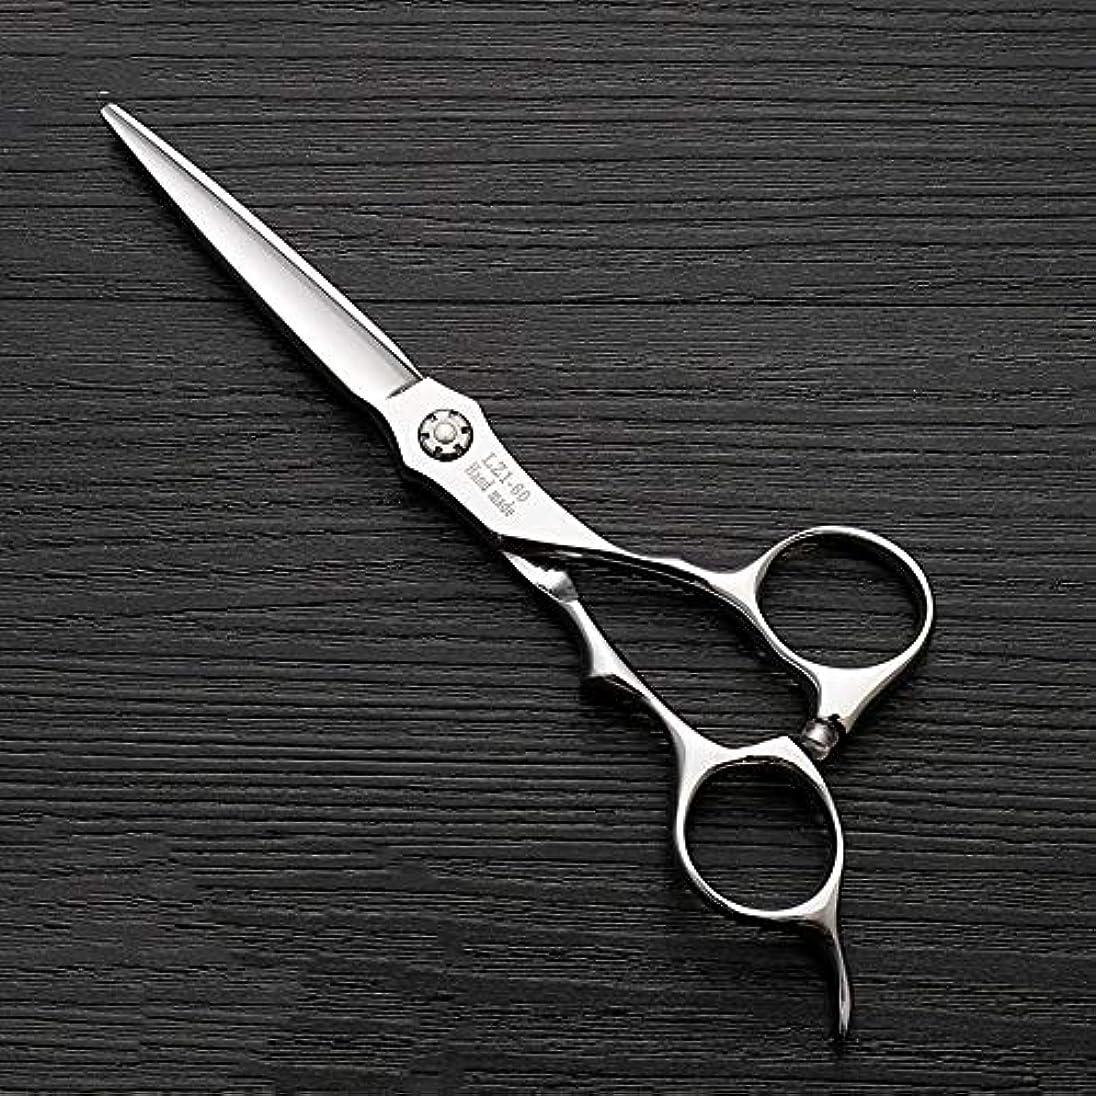 ターゲット中国展示会6インチハイエンド理髪師理髪用はさみ ヘアケア (色 : Silver)